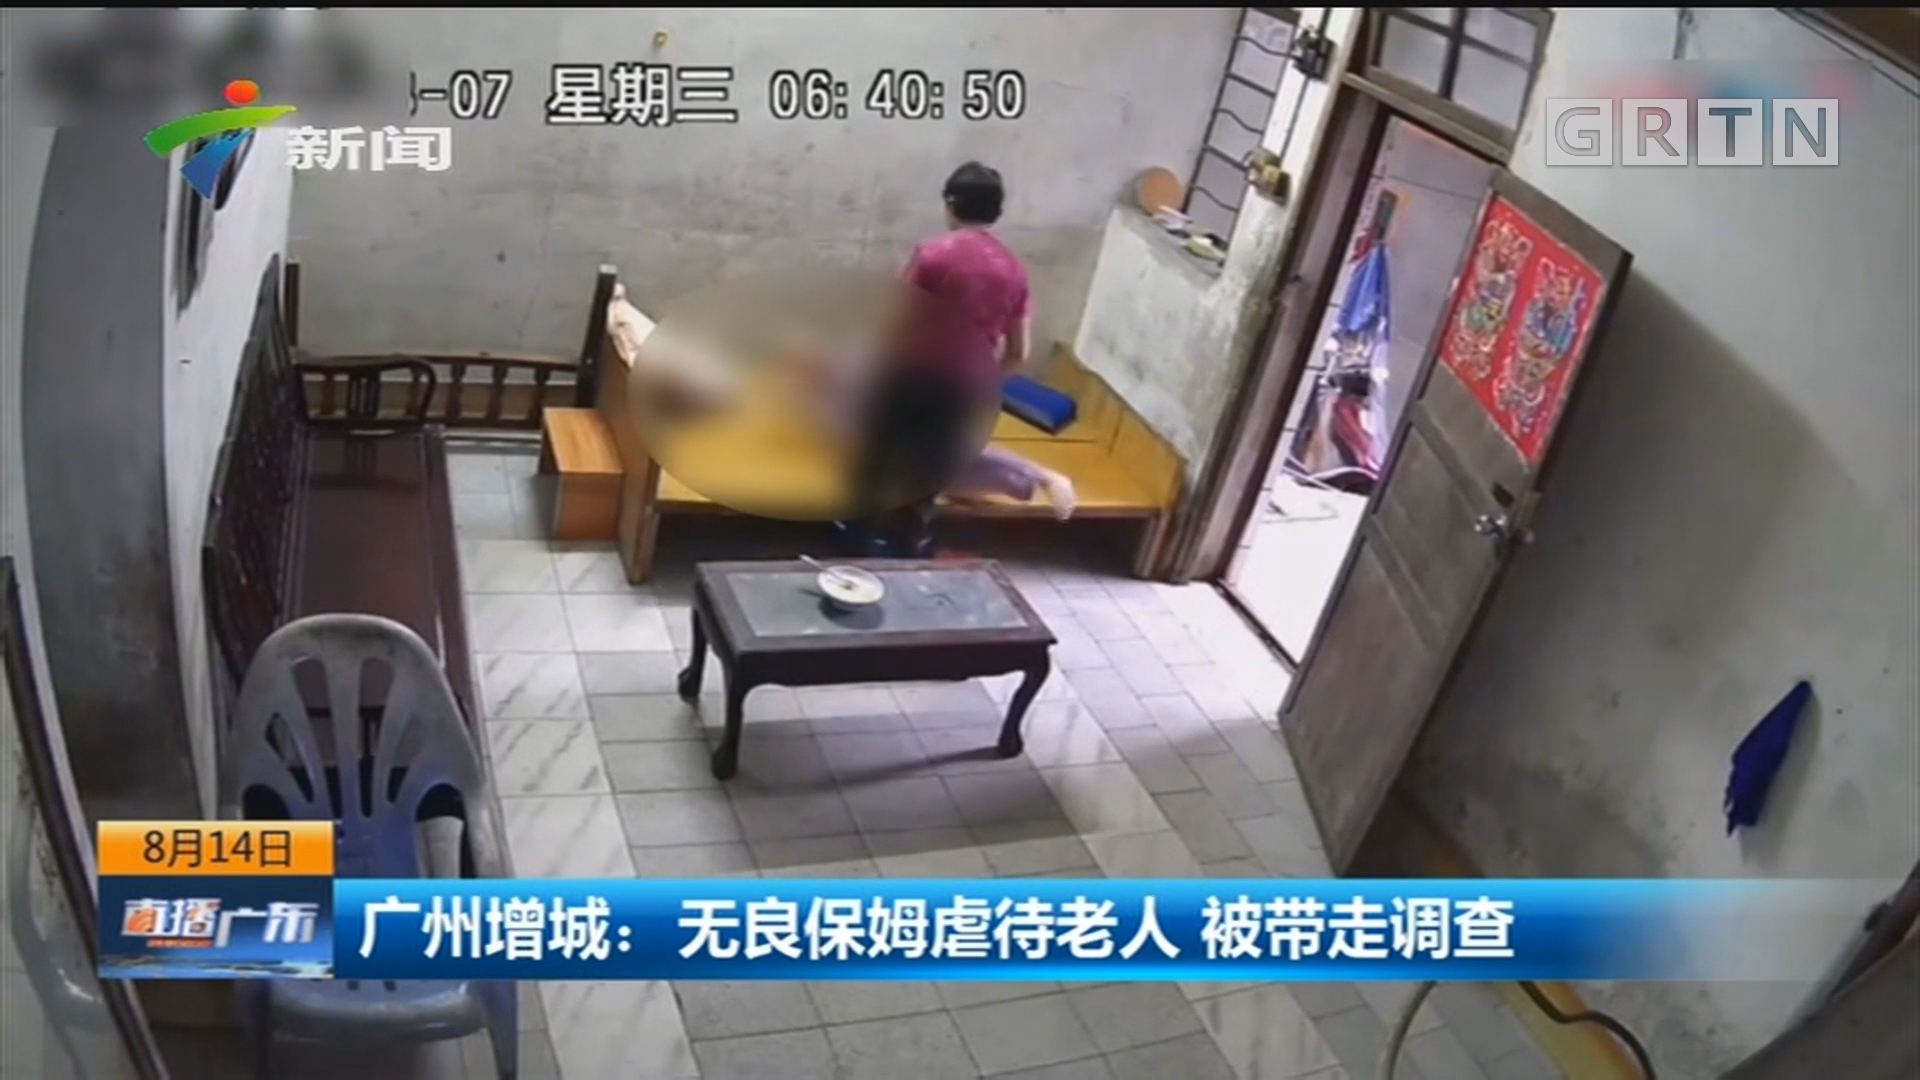 广州增城:无良保姆虐待老人 被带走调查